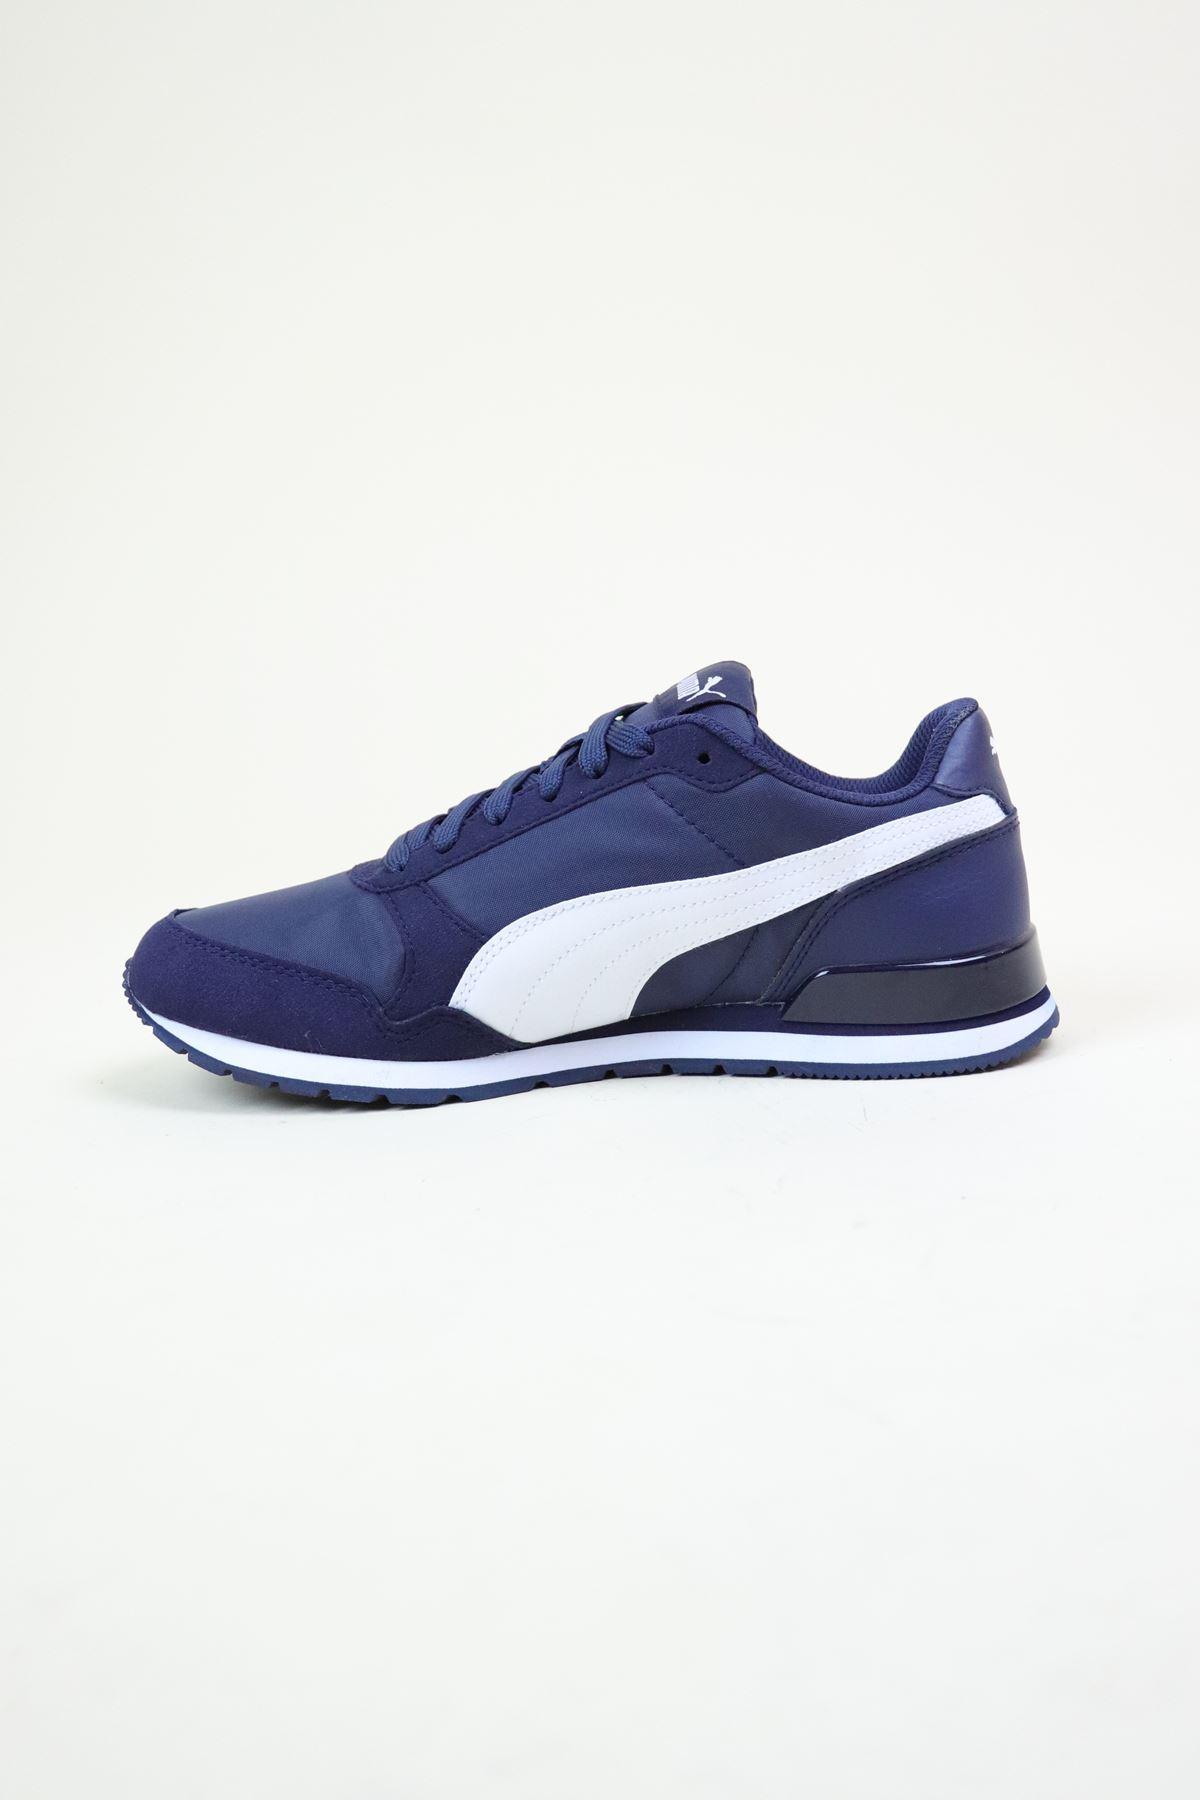 Puma 365293 Lacivert Kadın Spor Ayakkabı